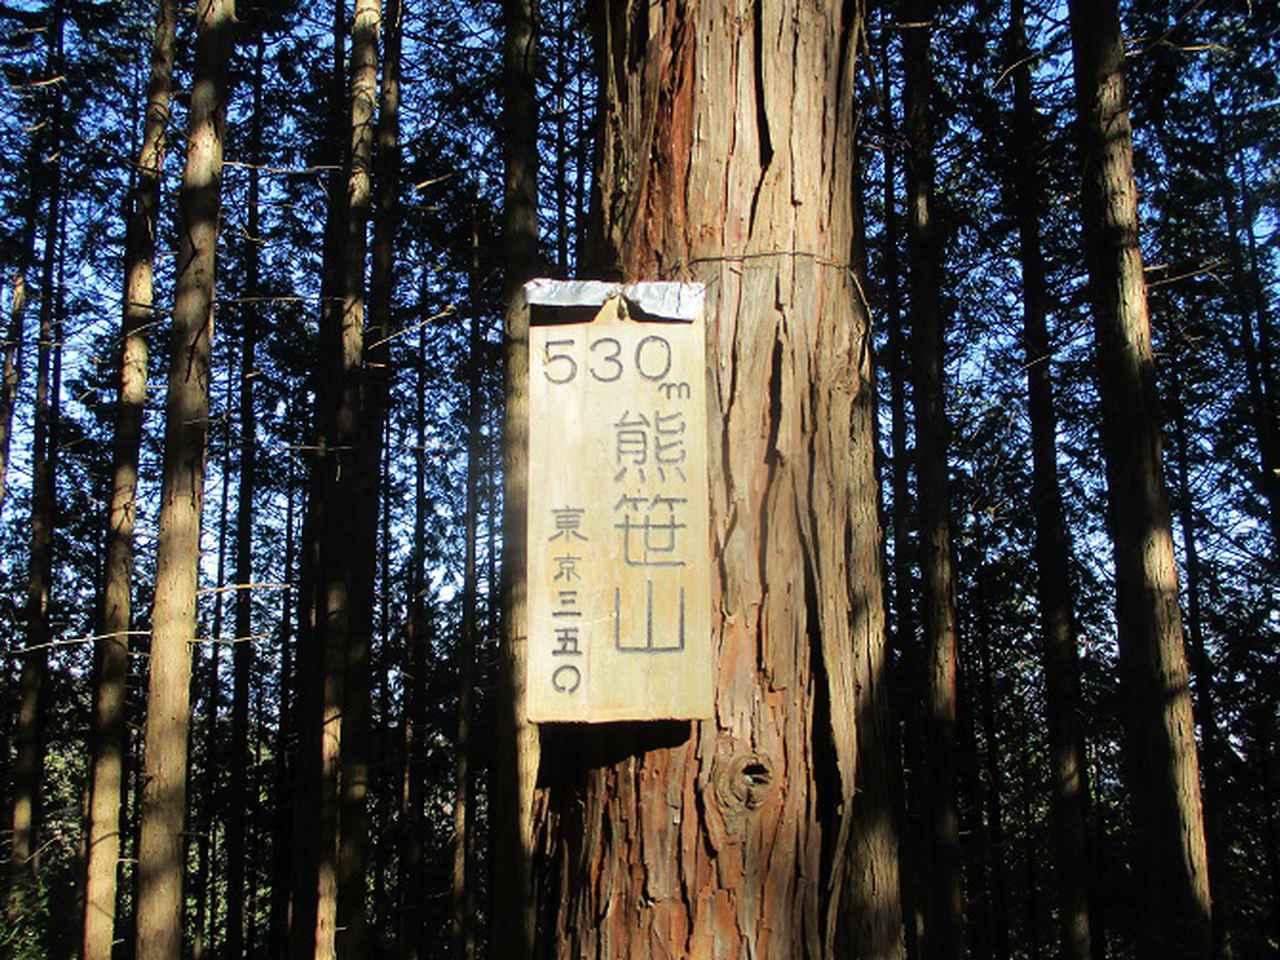 画像3: 1月3日と4日に山旅会現地集合 「駒木野から八王子城址」 ツアーに行ってきました!